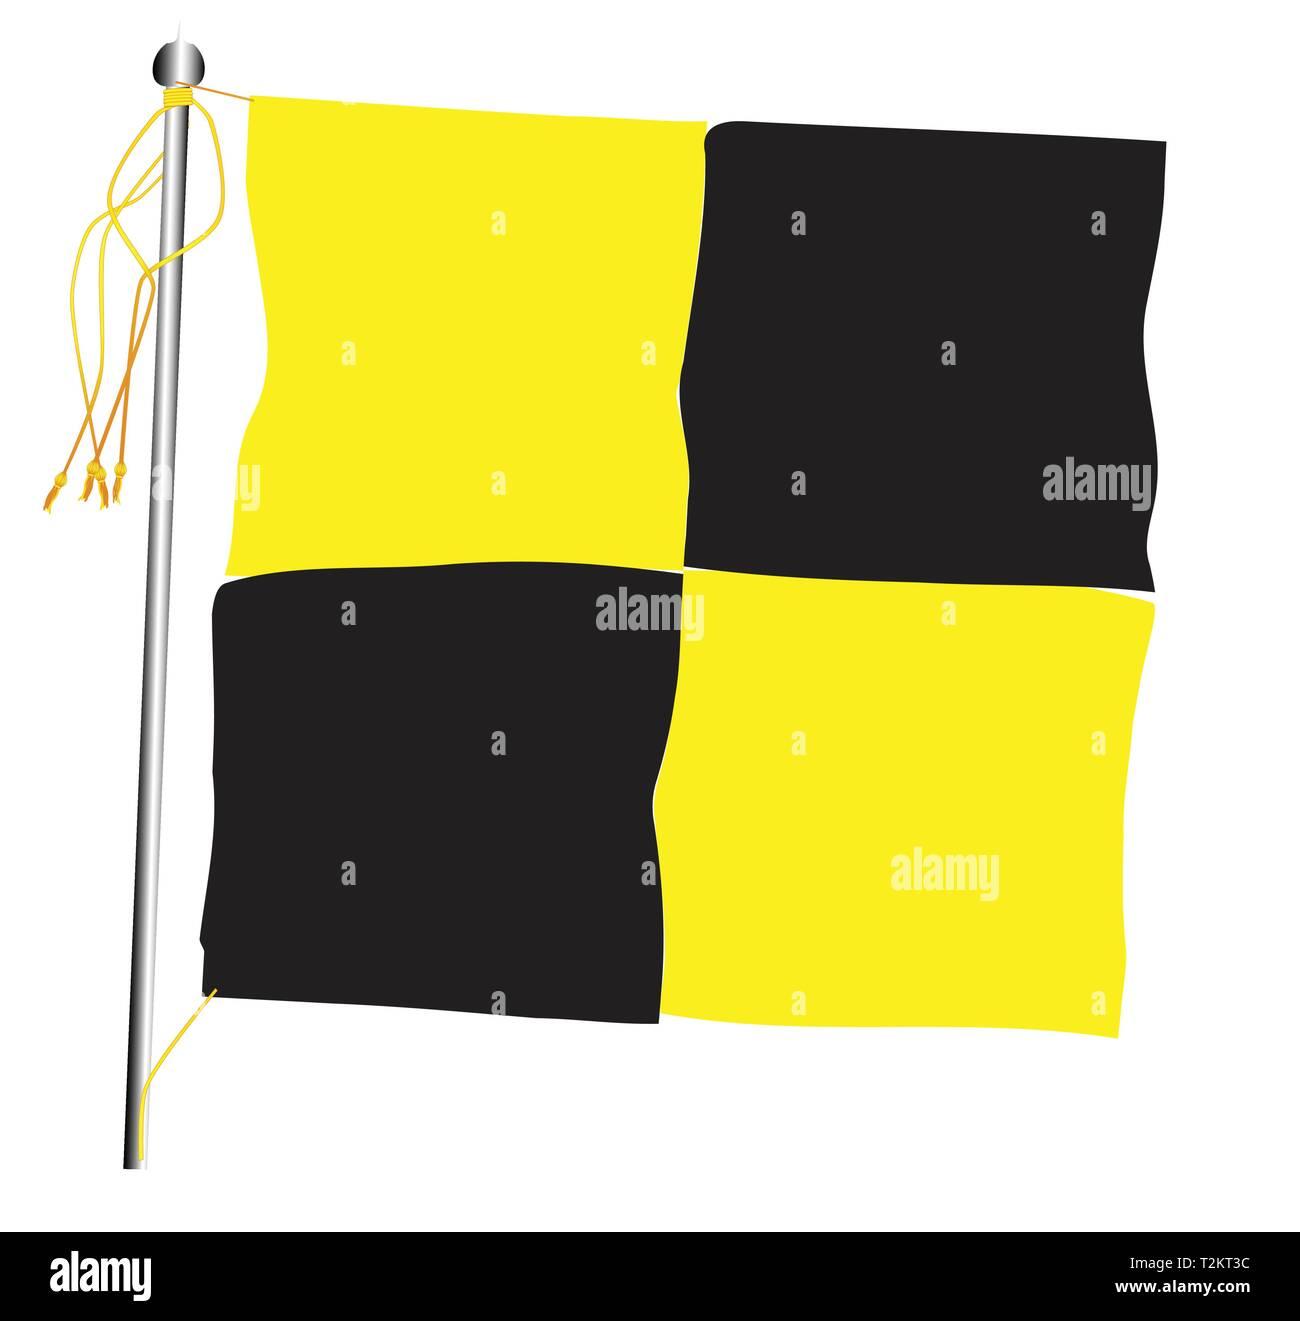 Quarantine flag set against against a white background. - Stock Vector